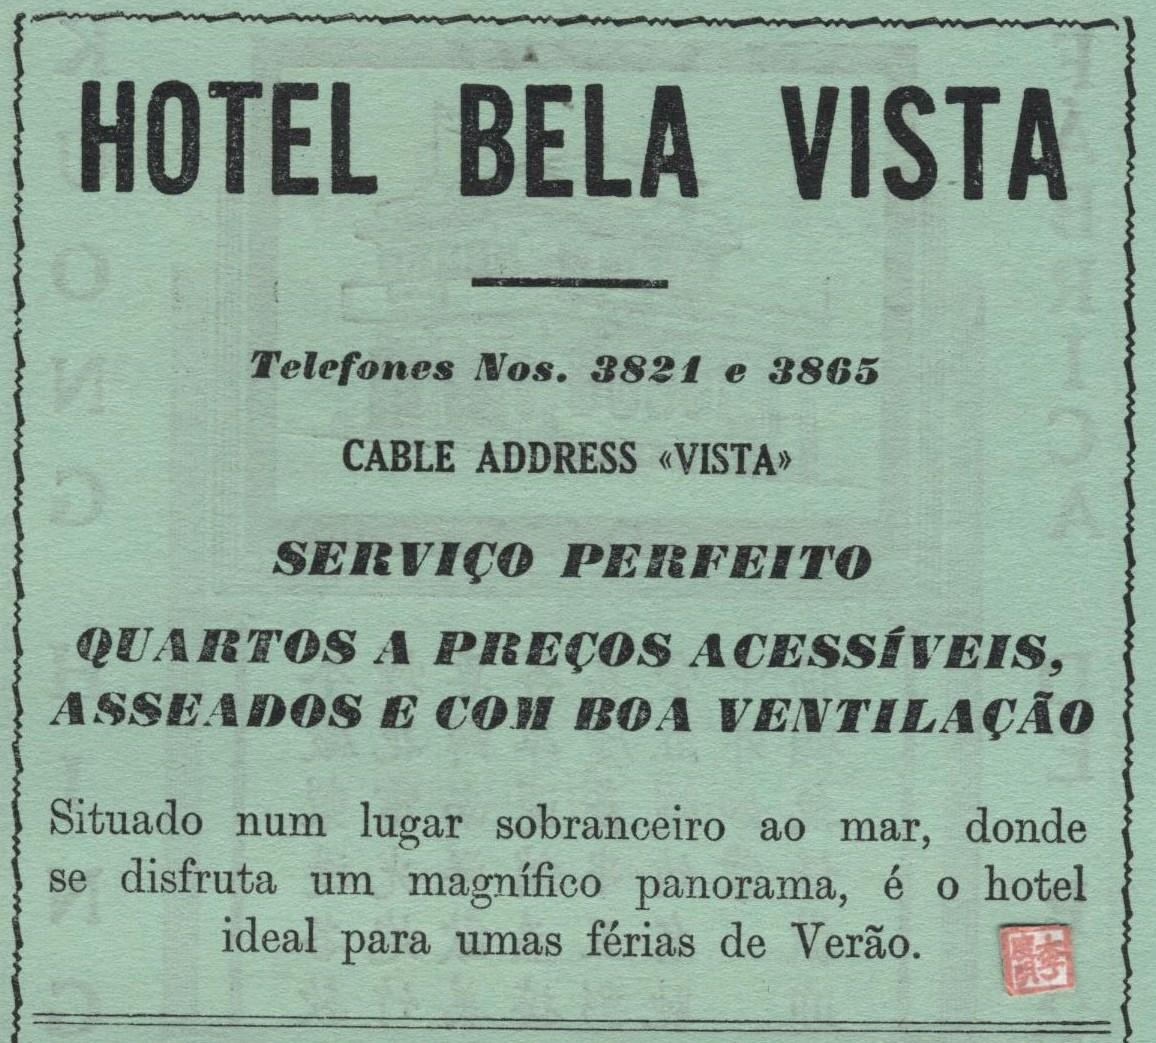 ANÚNCIO Hotel Bela Vista 1957